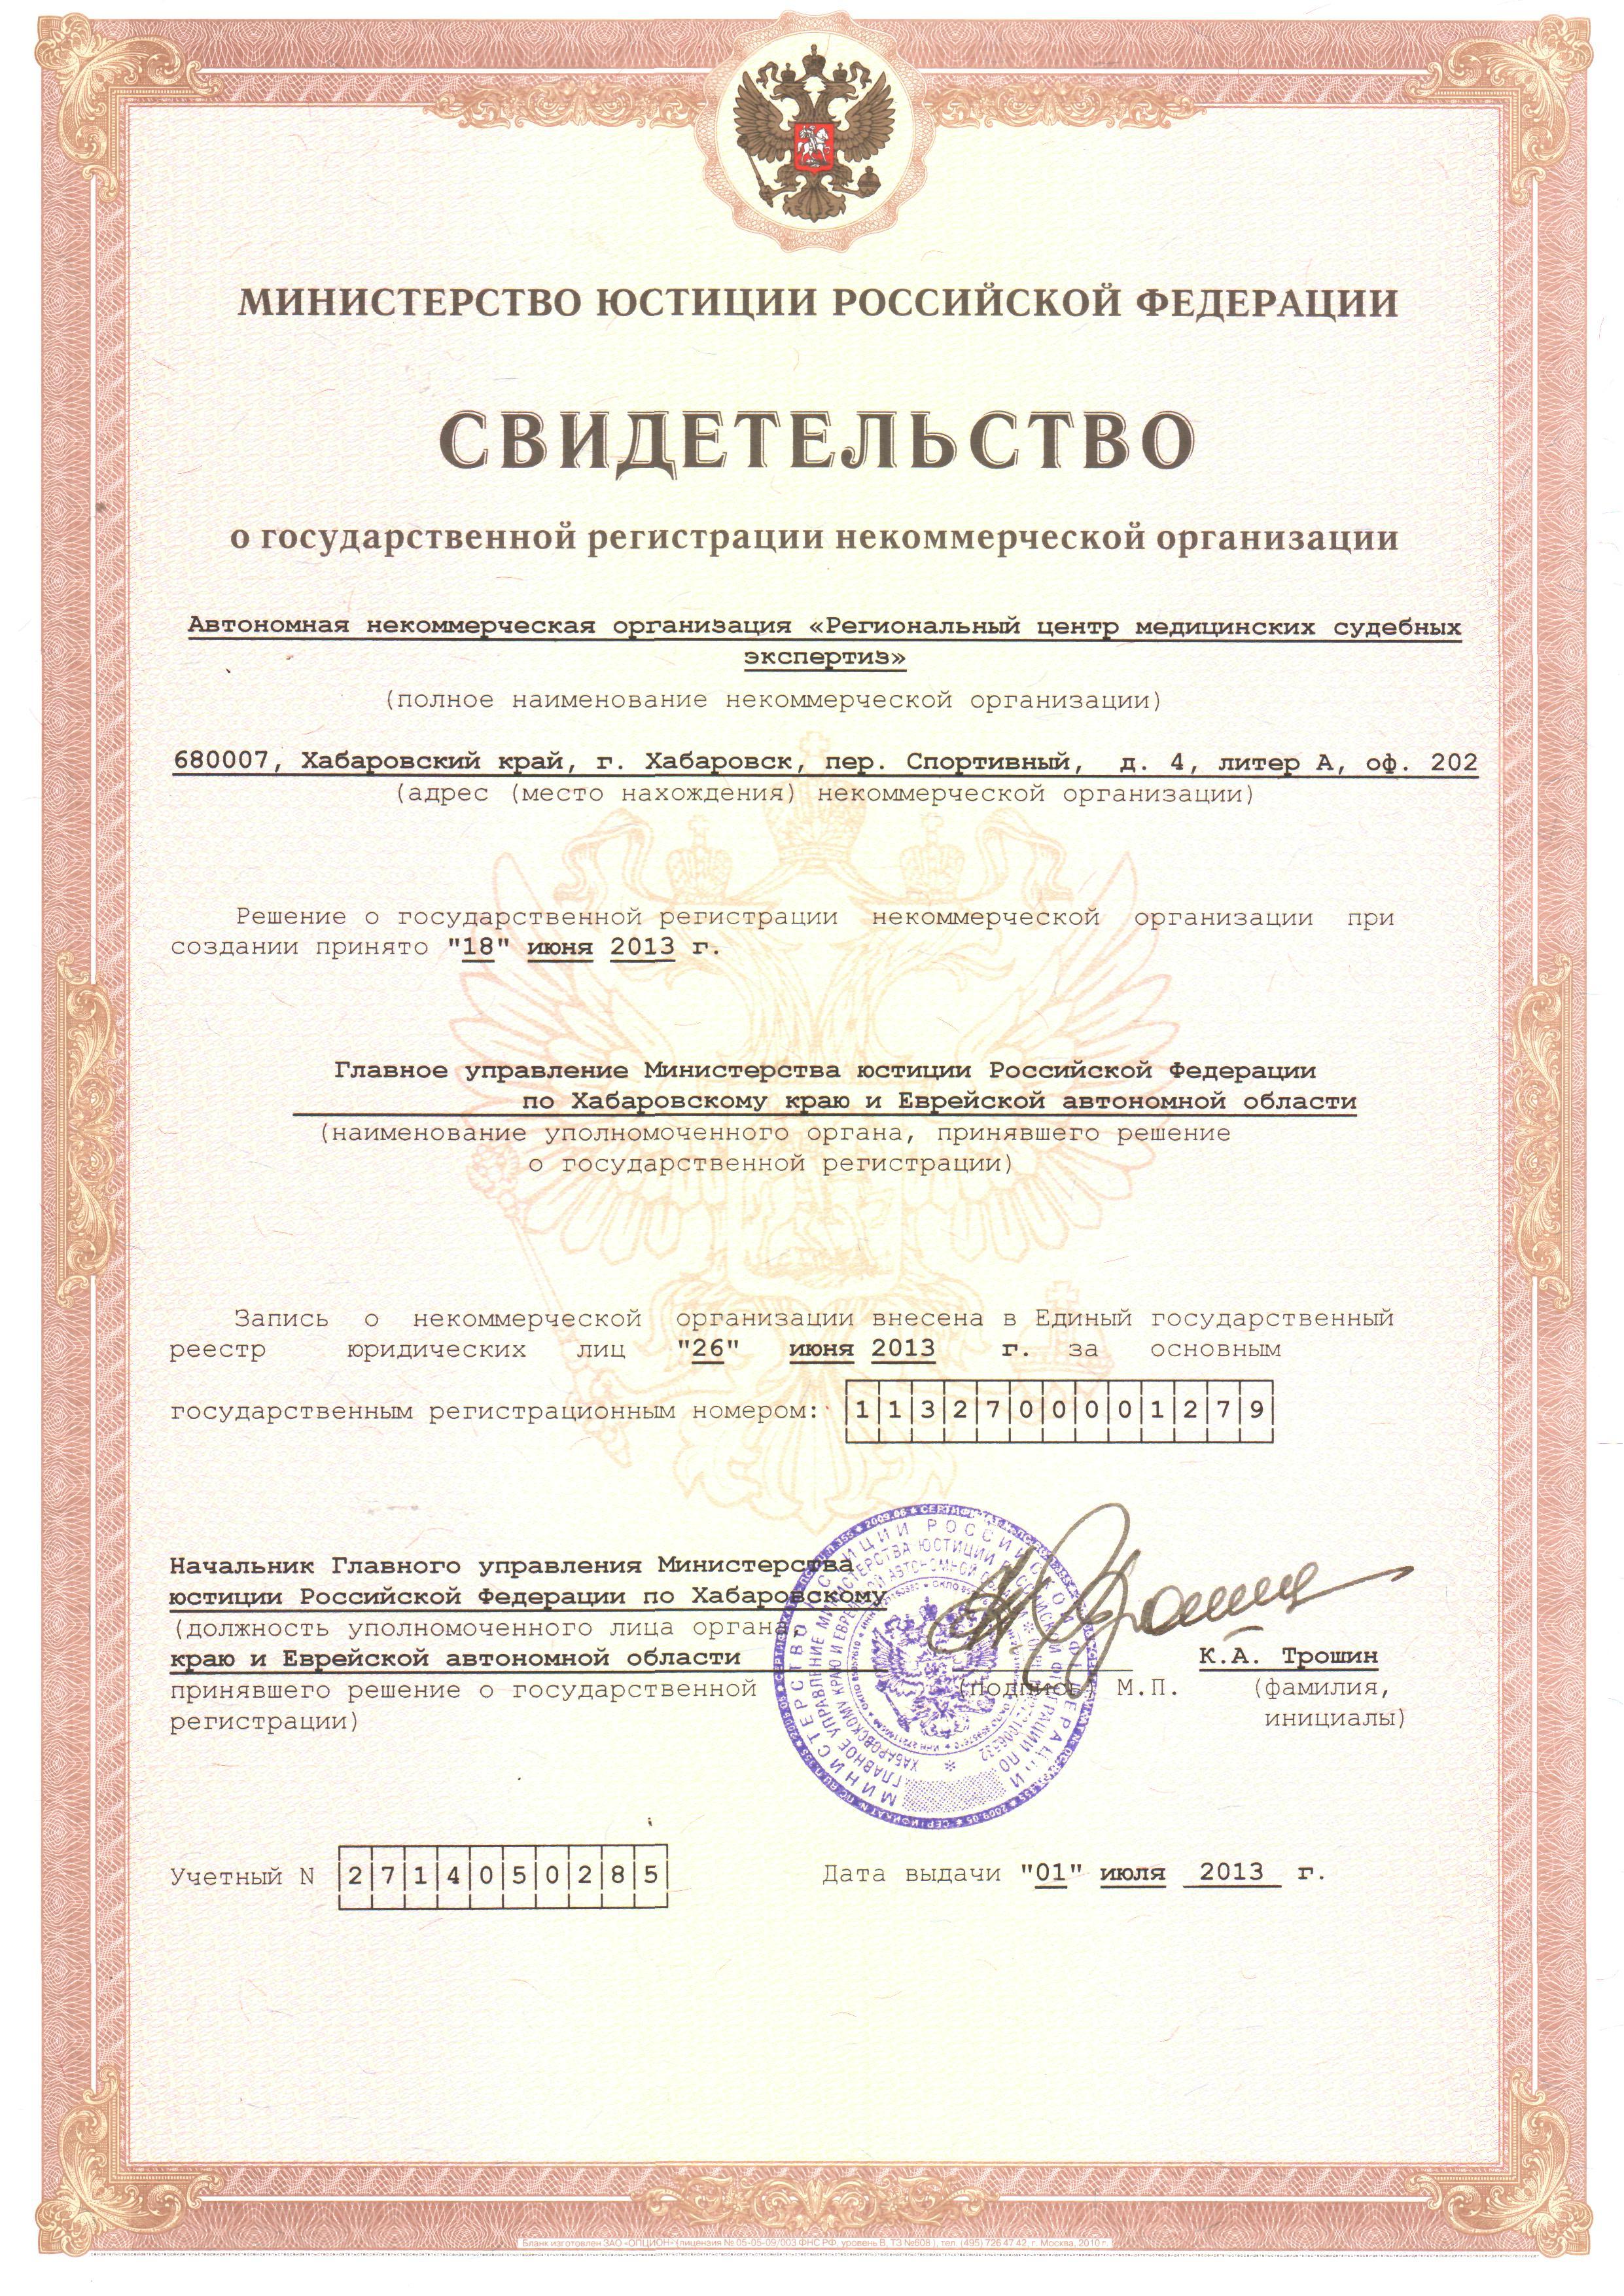 документы для регистрации некоммерческой организации в налоговой